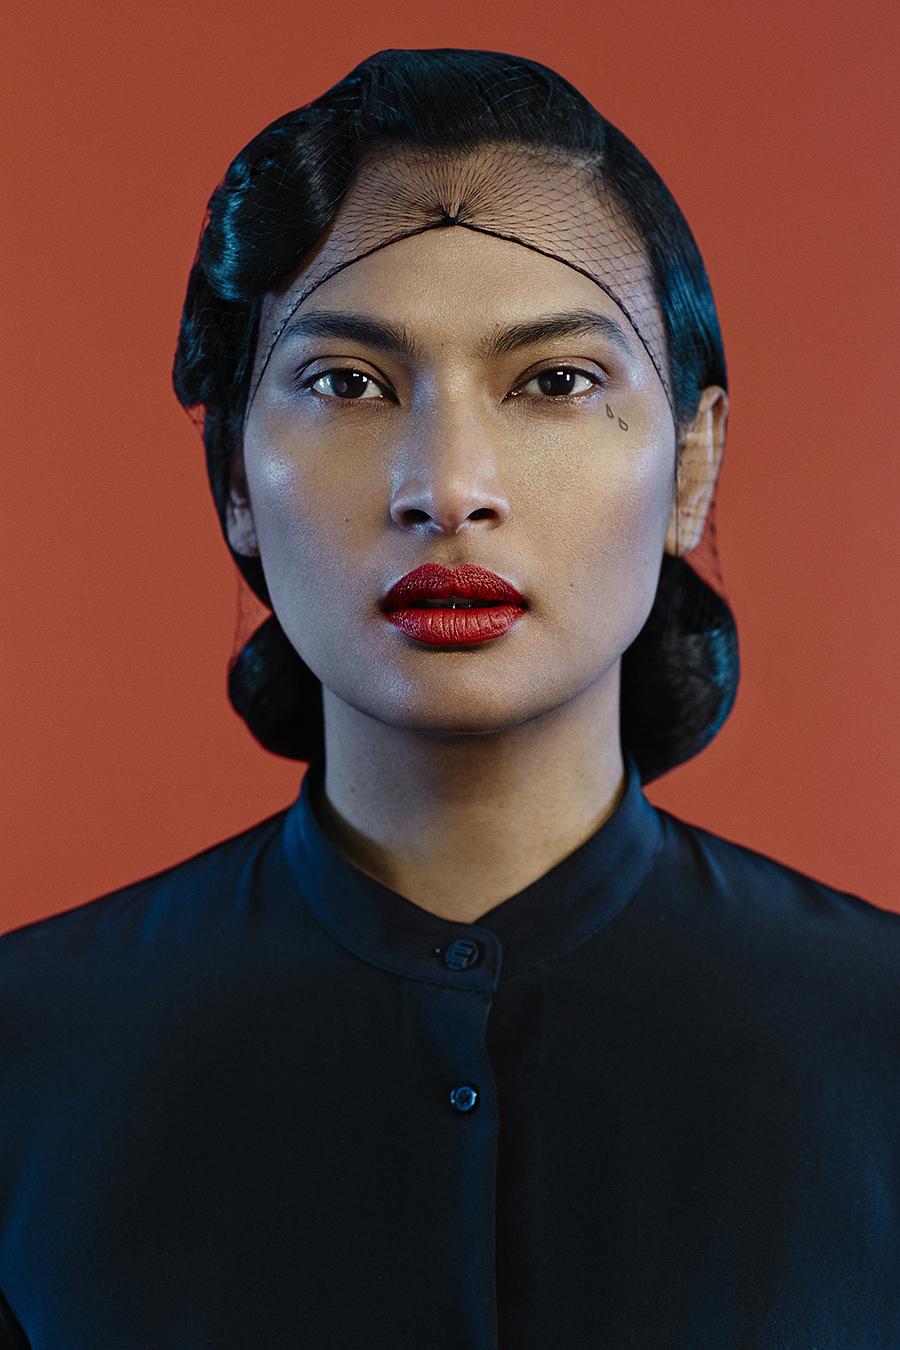 Rose Shalalai by René Habermacher for Paris Is Dead